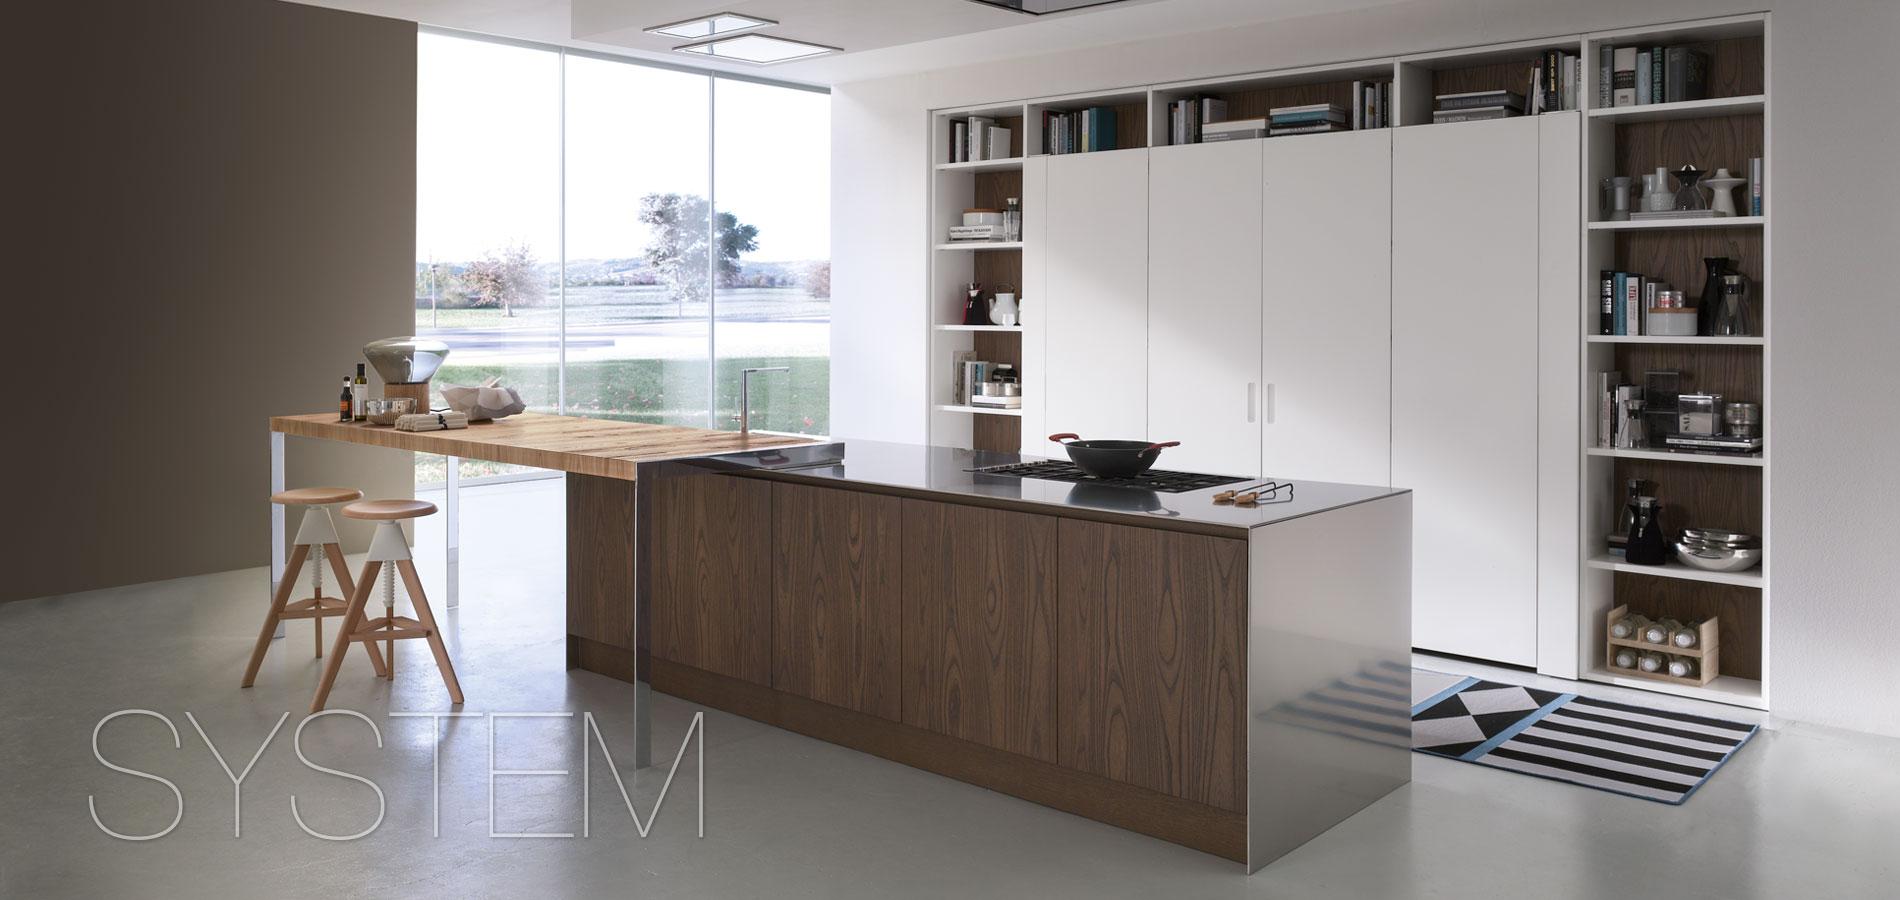 Pin Casa In Legno Modello Veneta Ecolife Costruzioni S R L On  #5A4B40 1900 900 Cucine Veneta A Palermo